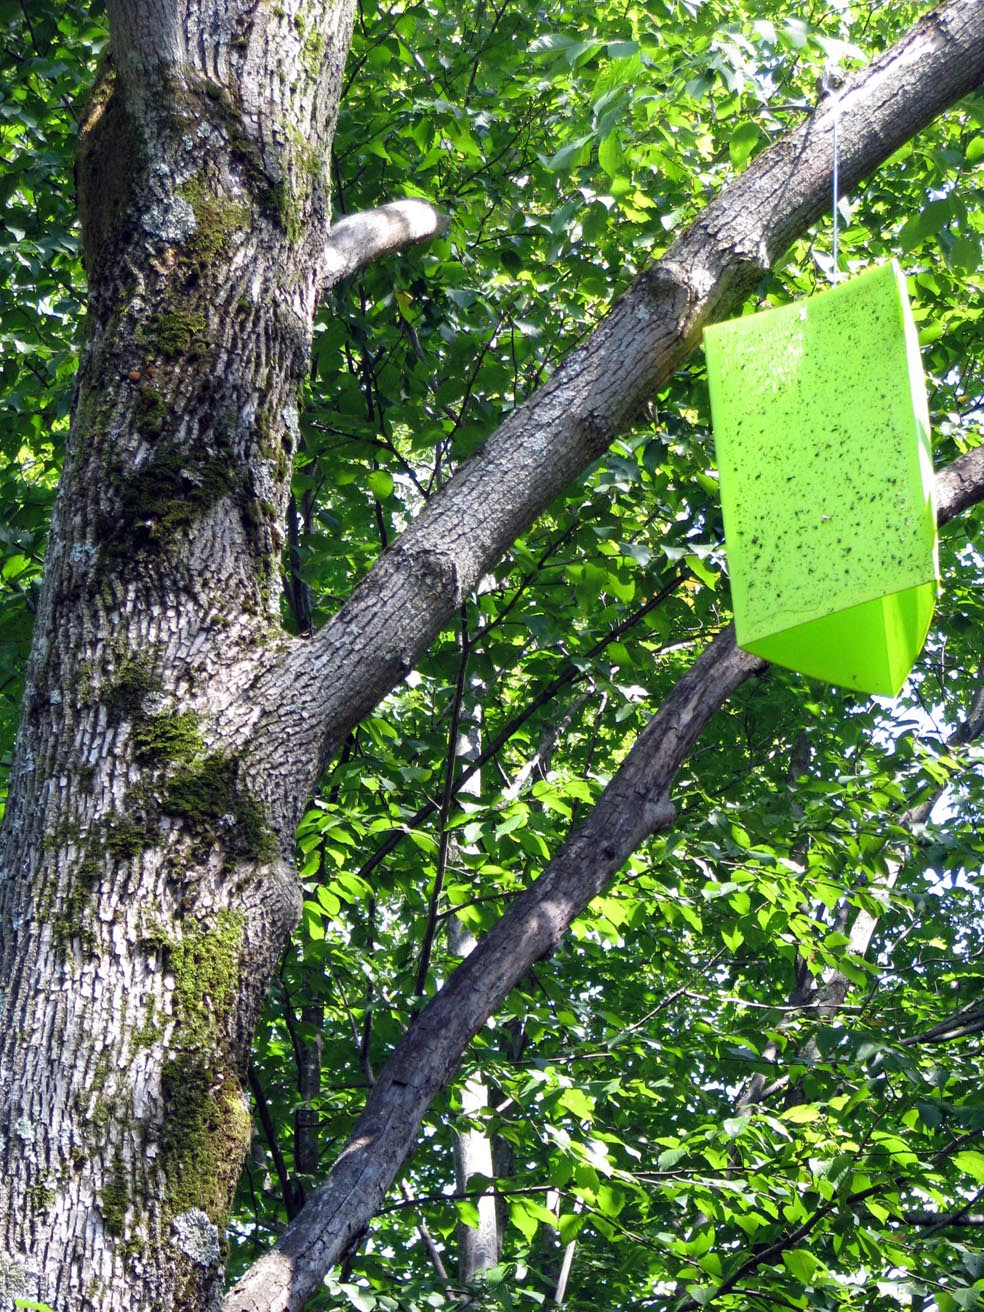 L agrile du fr ne et le transport du bois de chauffage par la client le blogue de conservation - Frene bois de chauffage ...